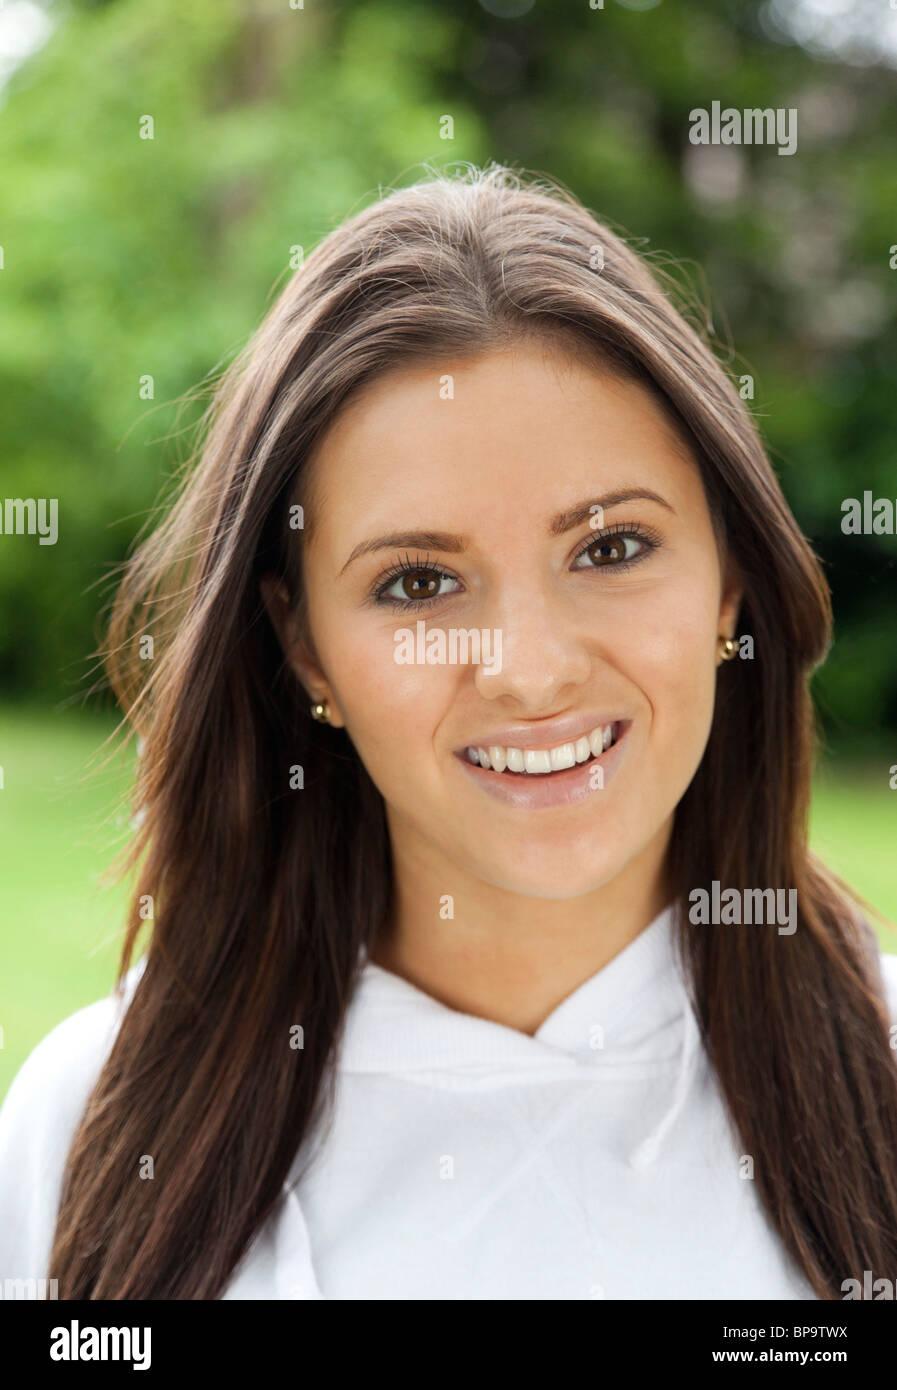 portrait of teenage girl outside - Stock Image